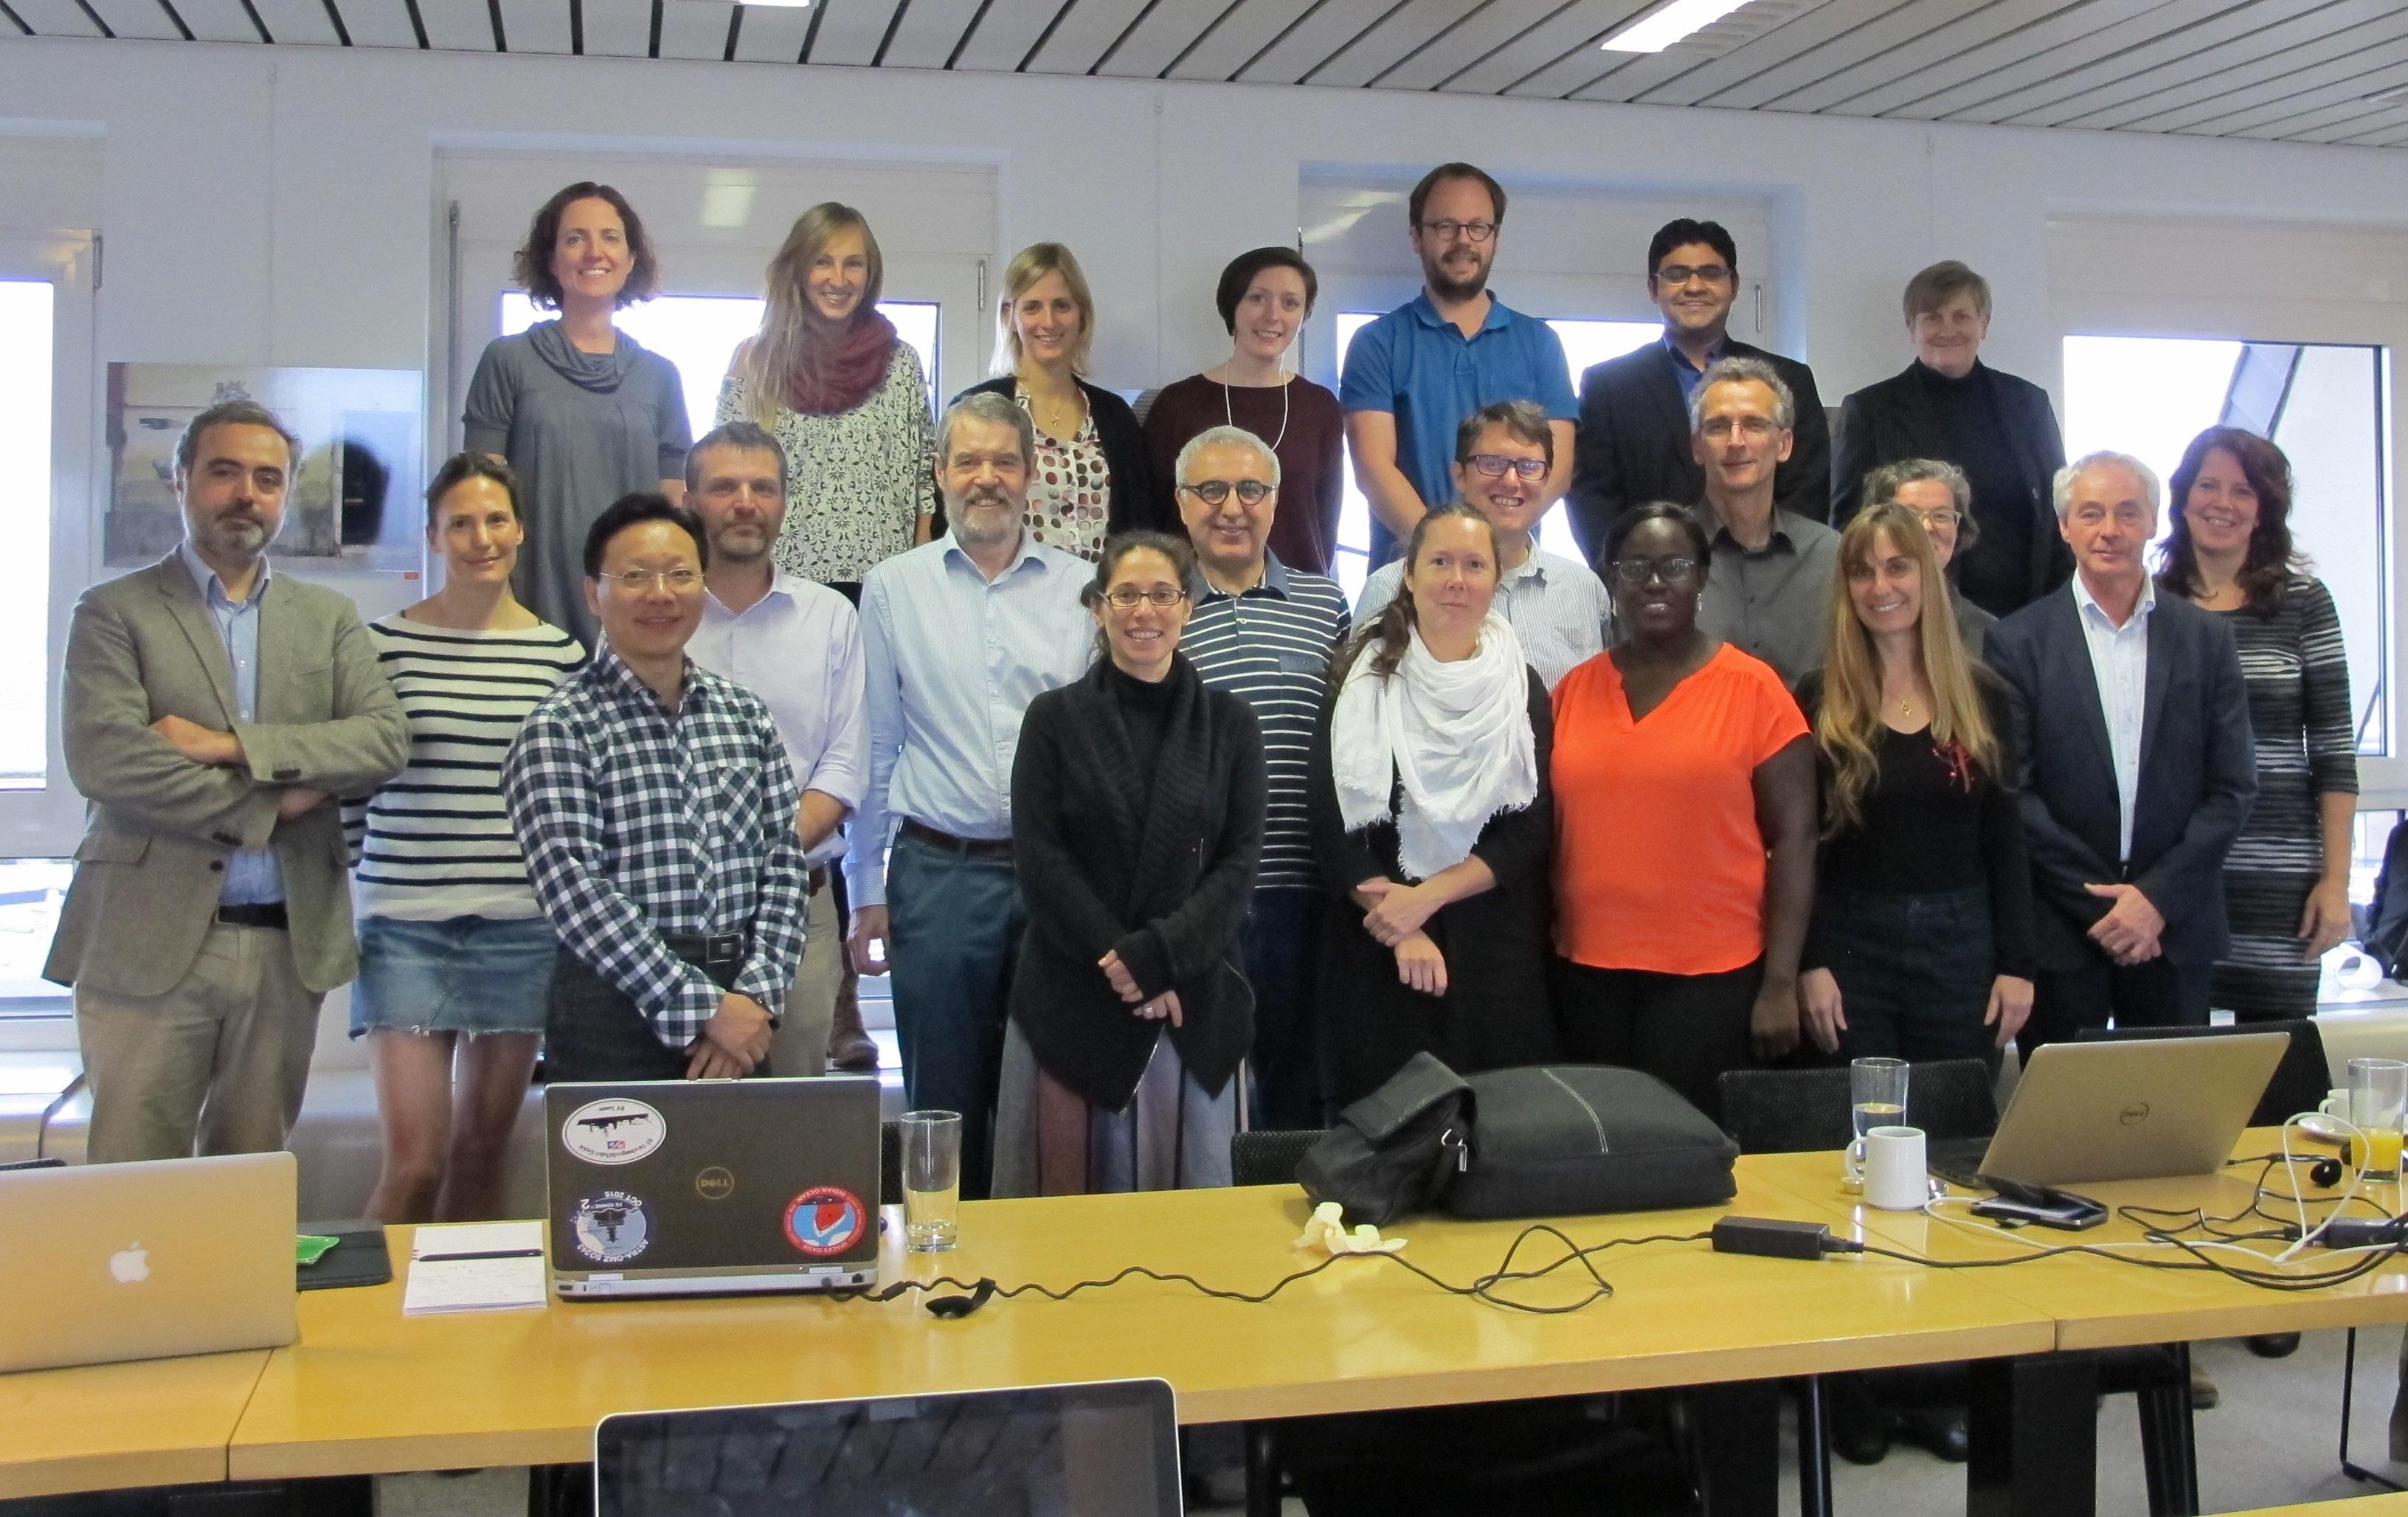 List of Partnership Steering Committee members